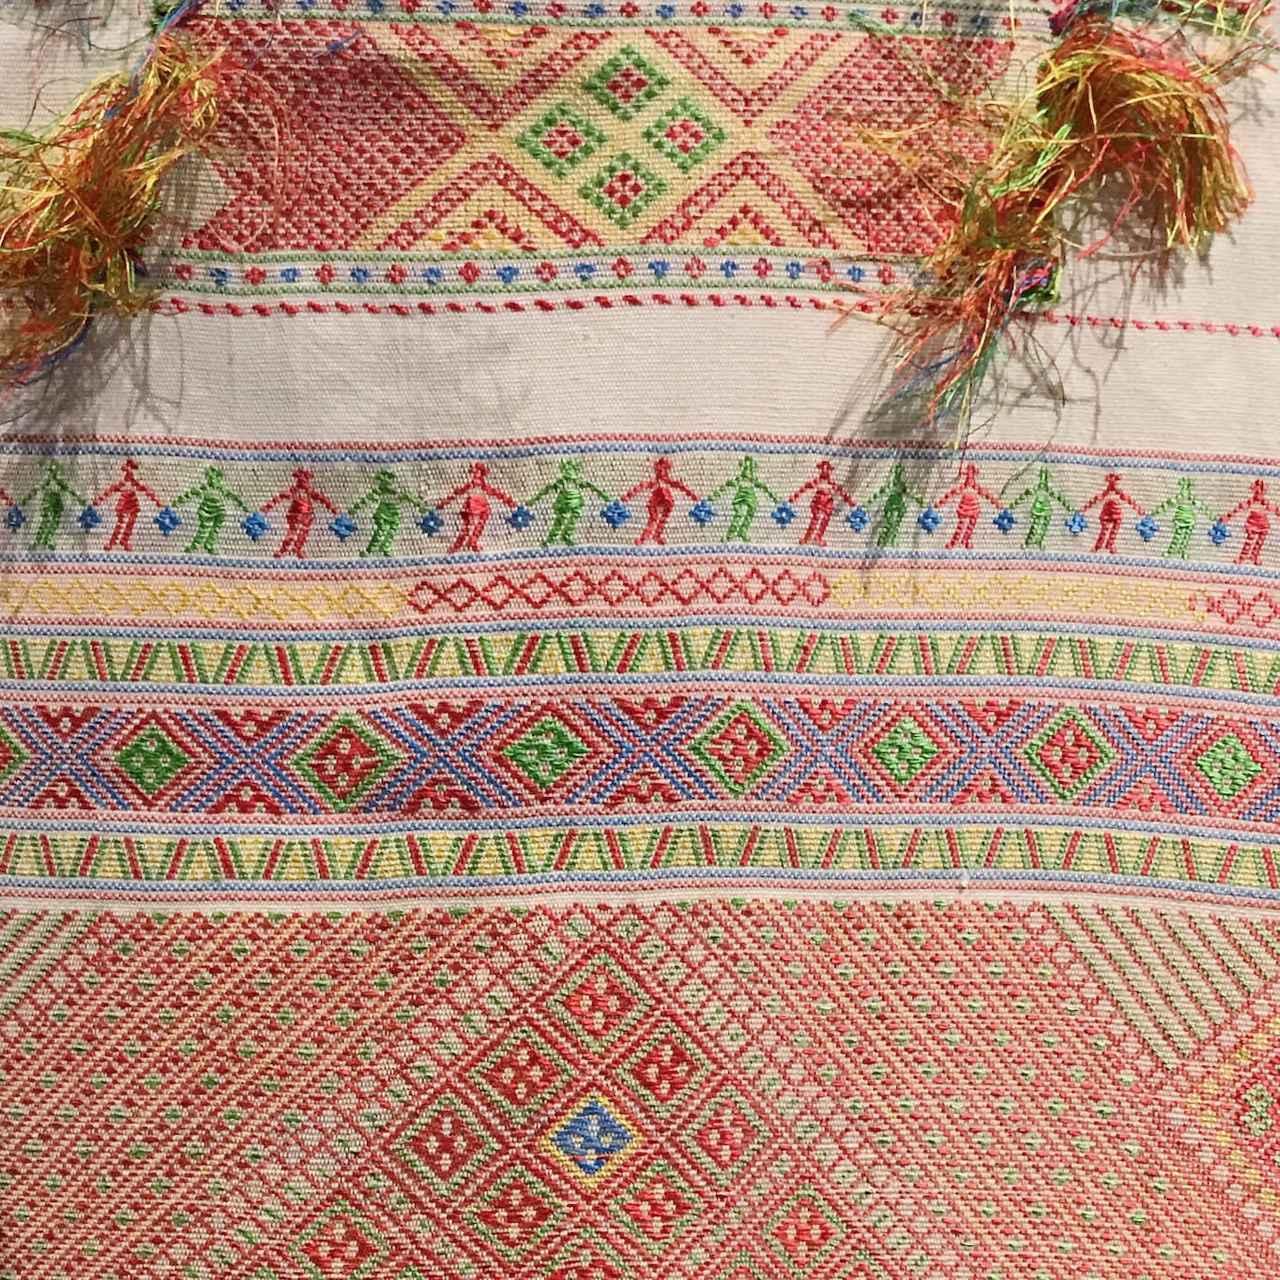 画像: 一目惚れして購入した美しい布